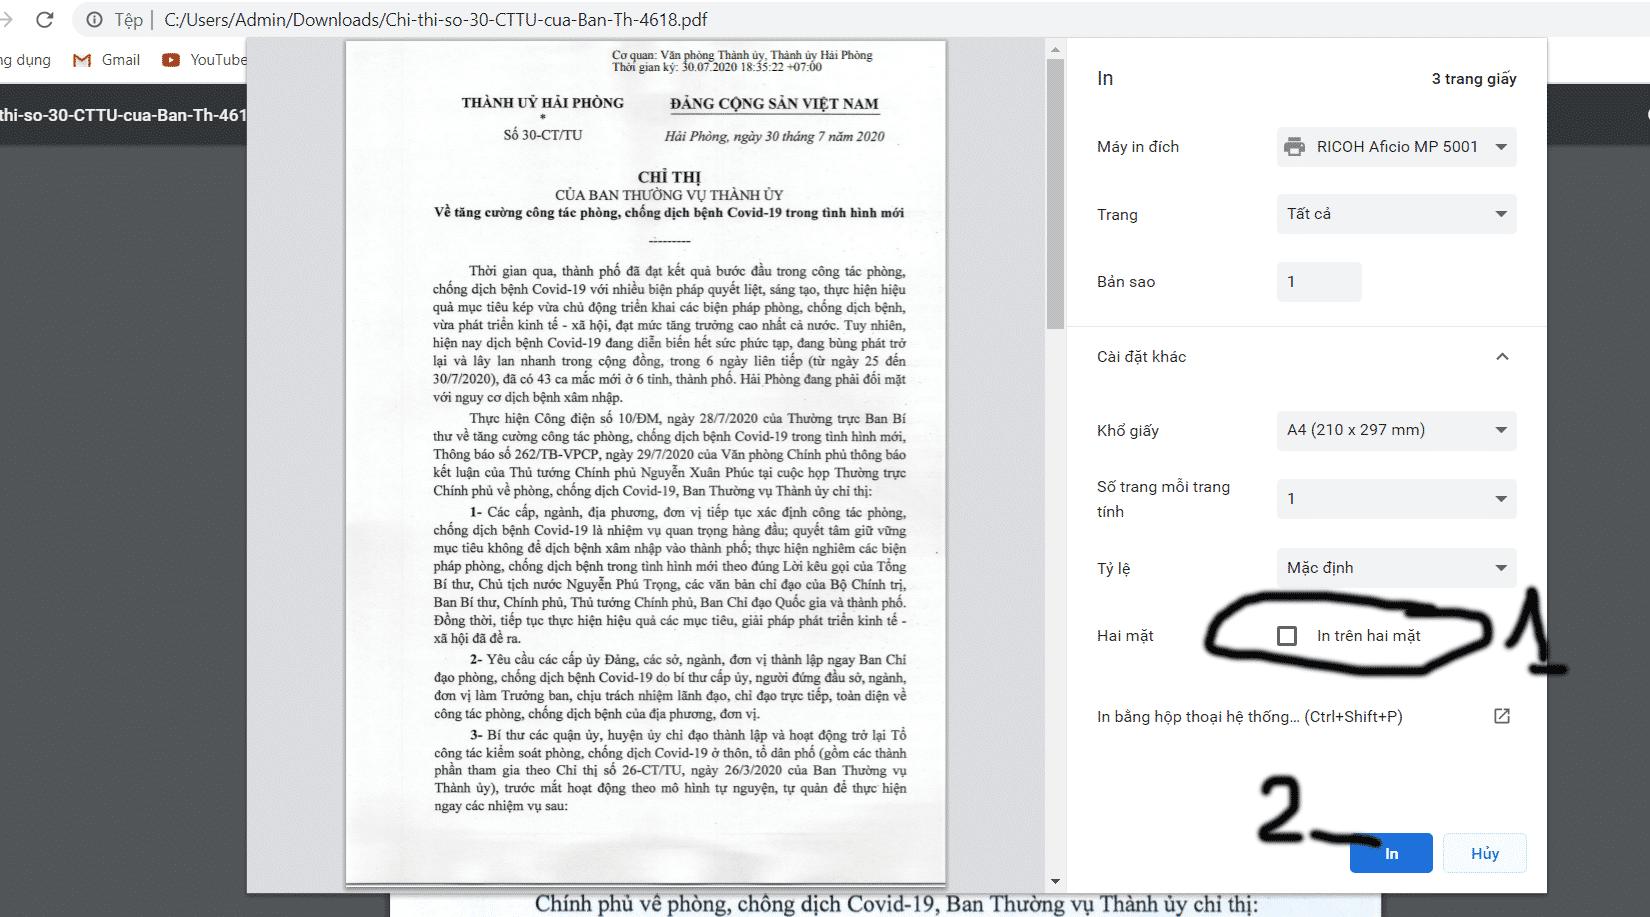 In 2 mặt pdf bằng google chorme